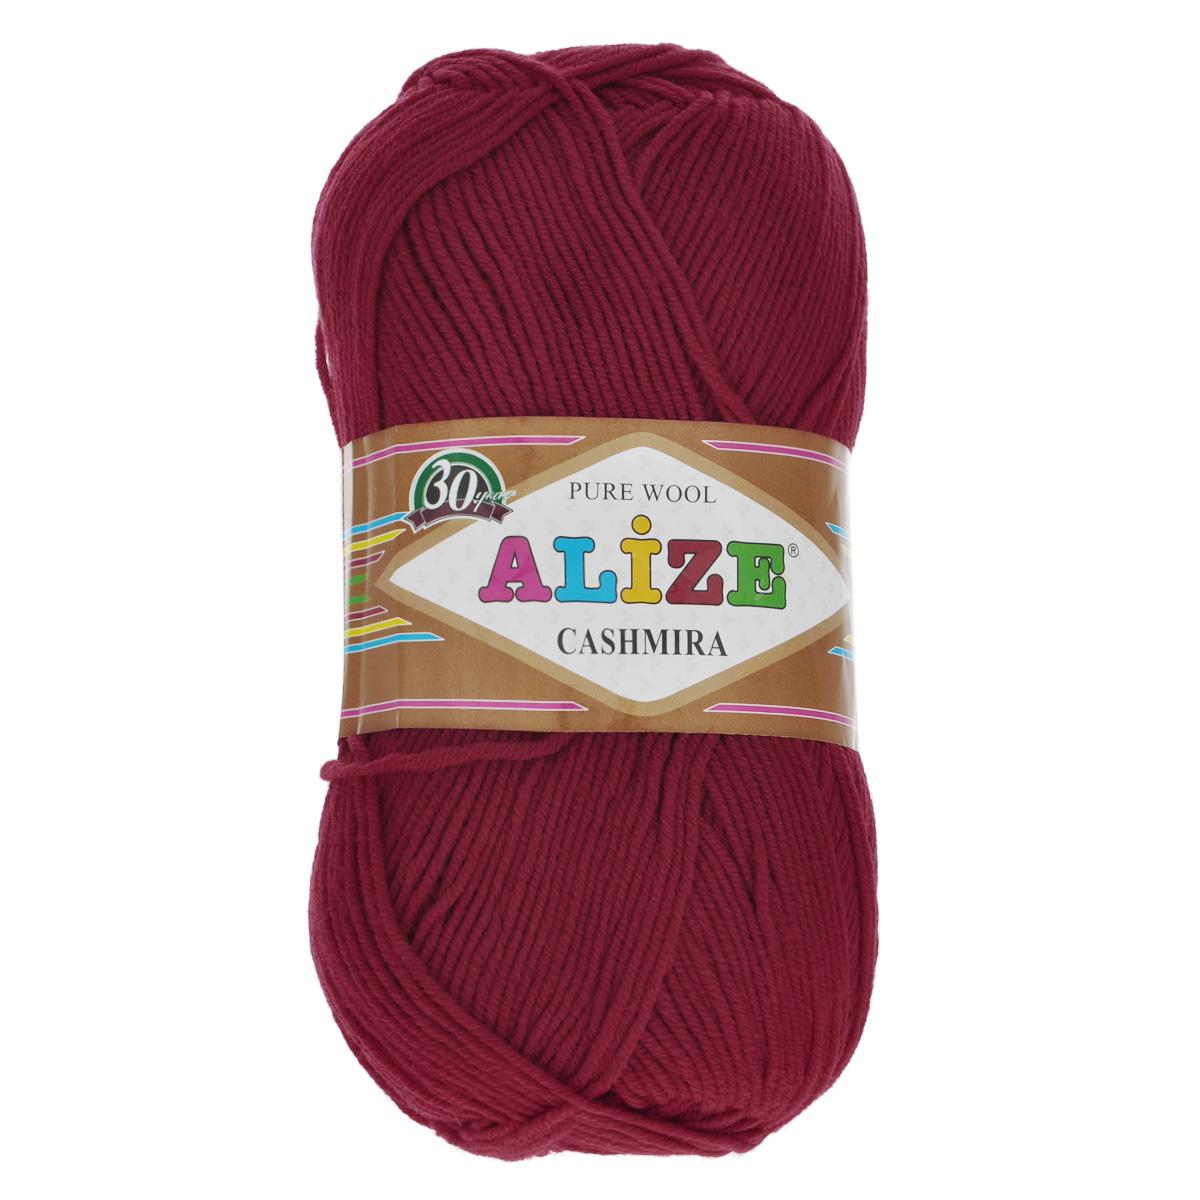 Пряжа для вязания Alize Cashmira, цвет: красный (56), 300 м, 100 г, 5 шт цена